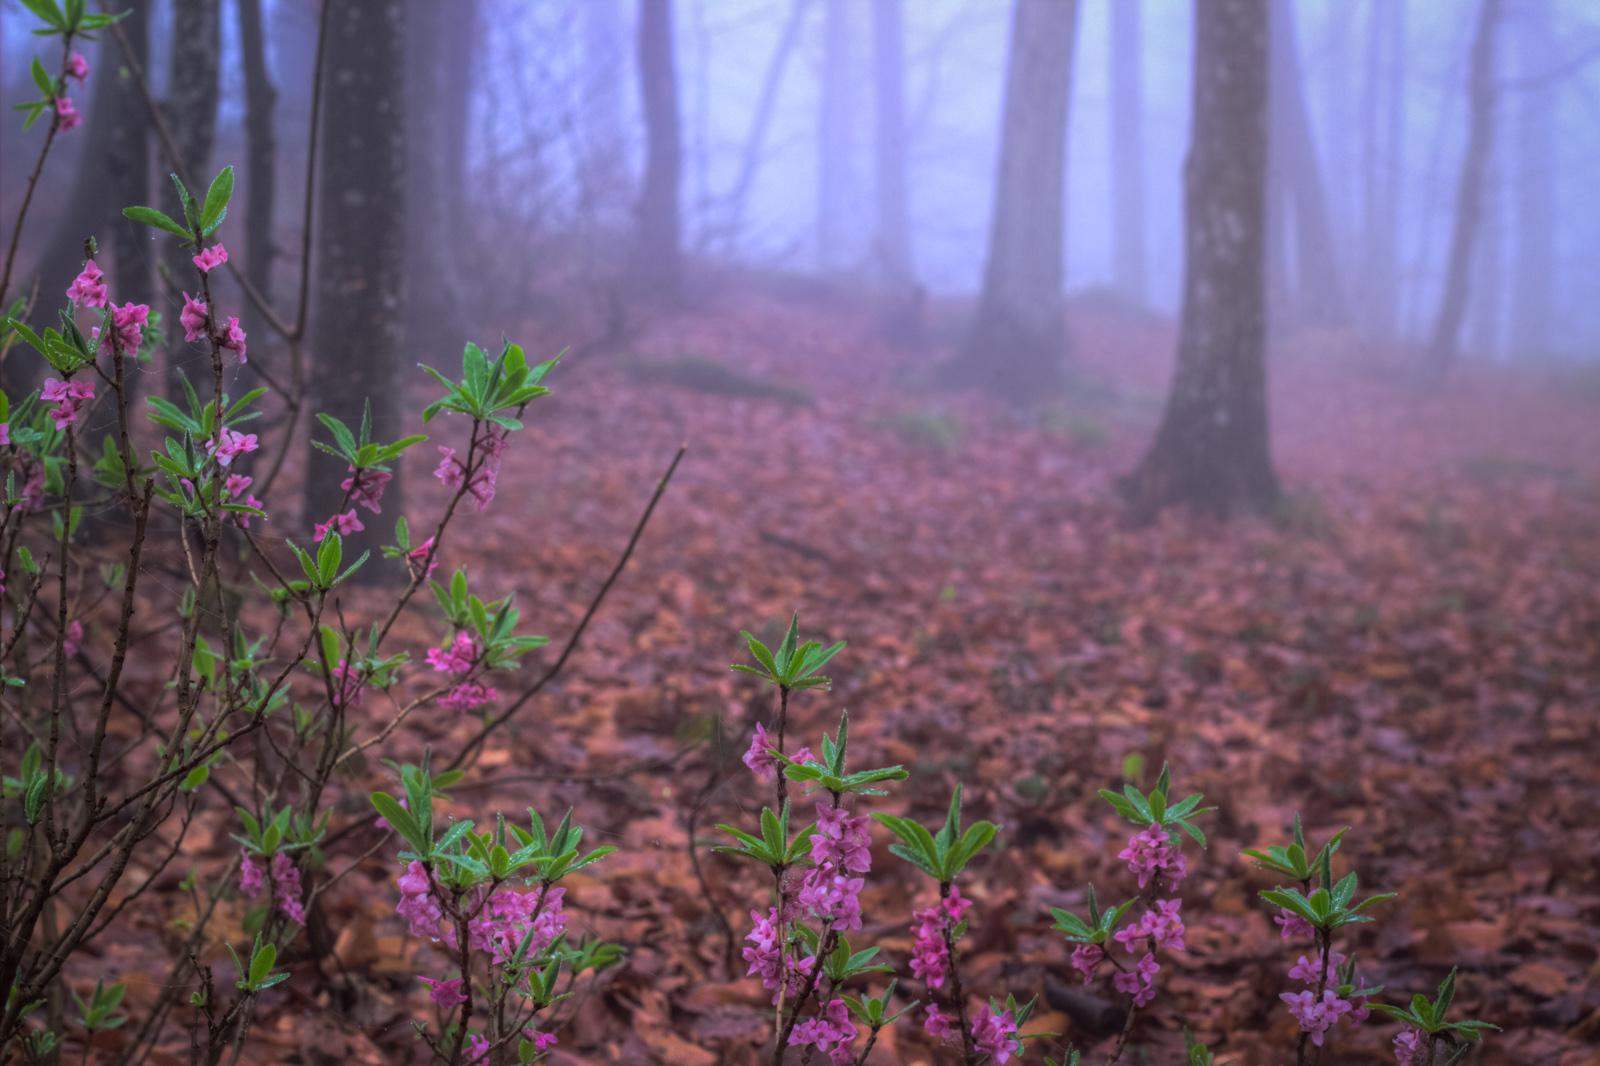 Cespugli Sempreverdi Con Fiori file:nel bosco, fiori profumati tra la nebbia - flickr